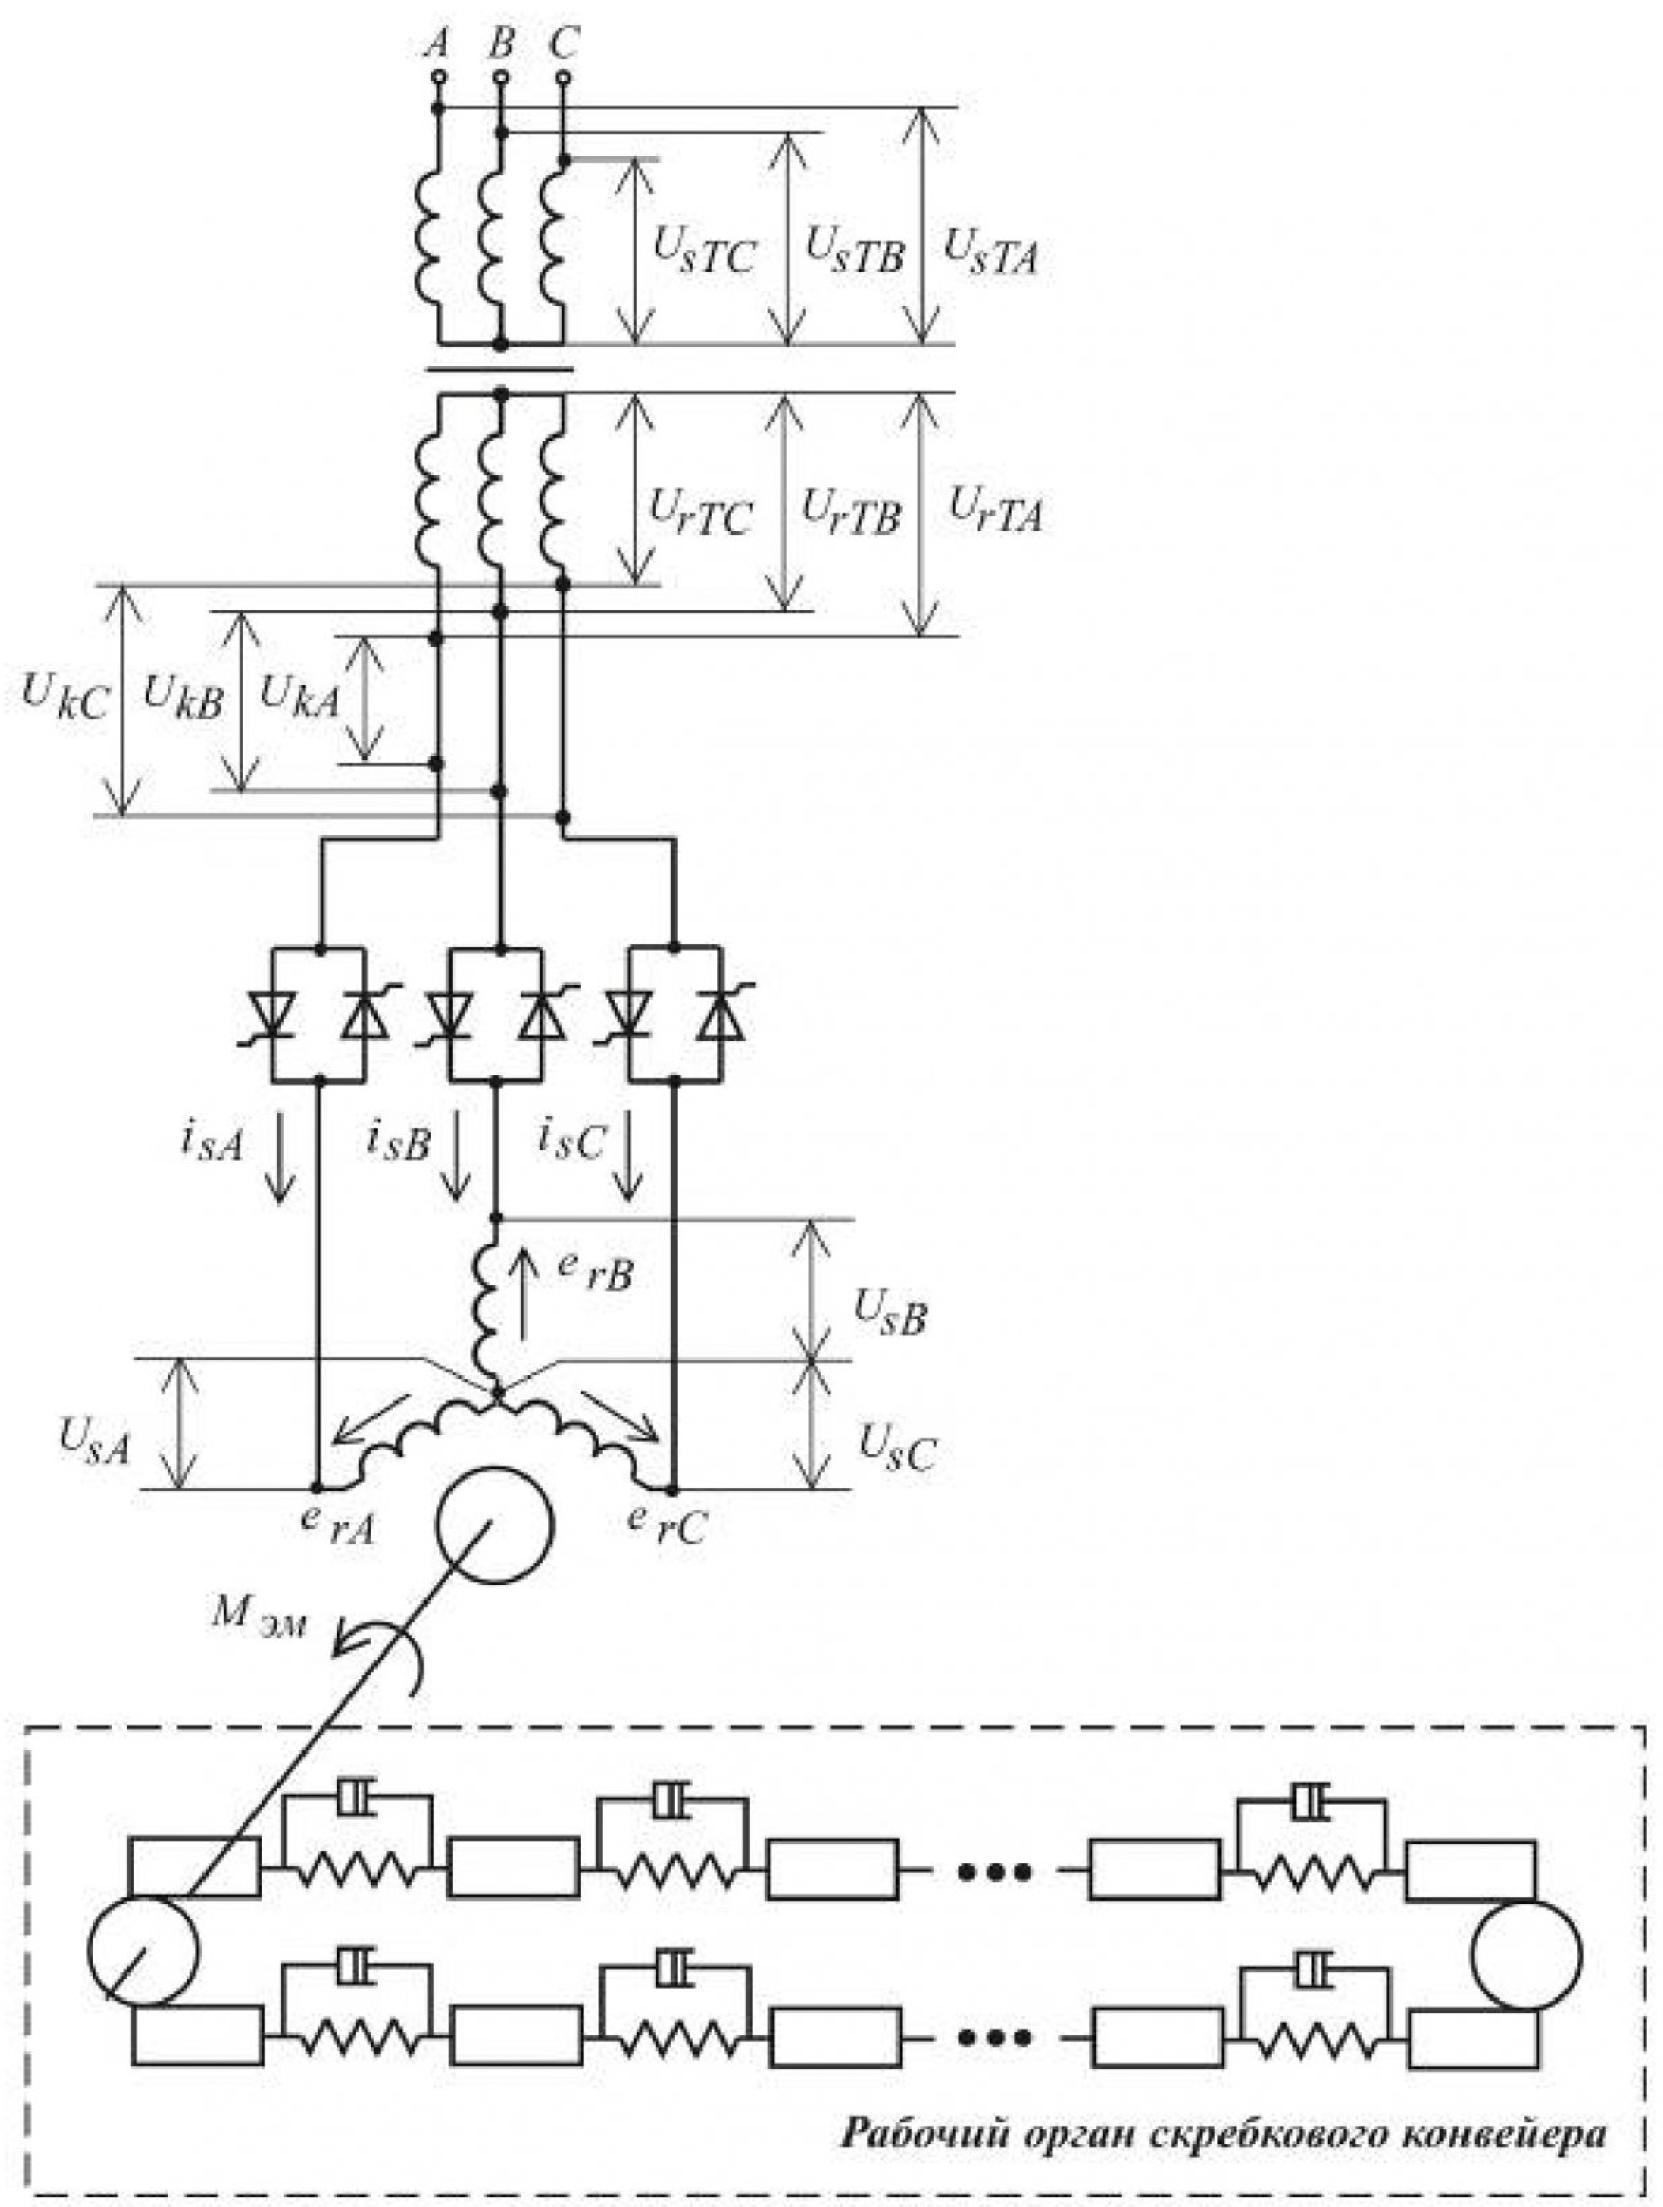 Рисунок 1 – К формированию математической модели системы скребкового конвейера